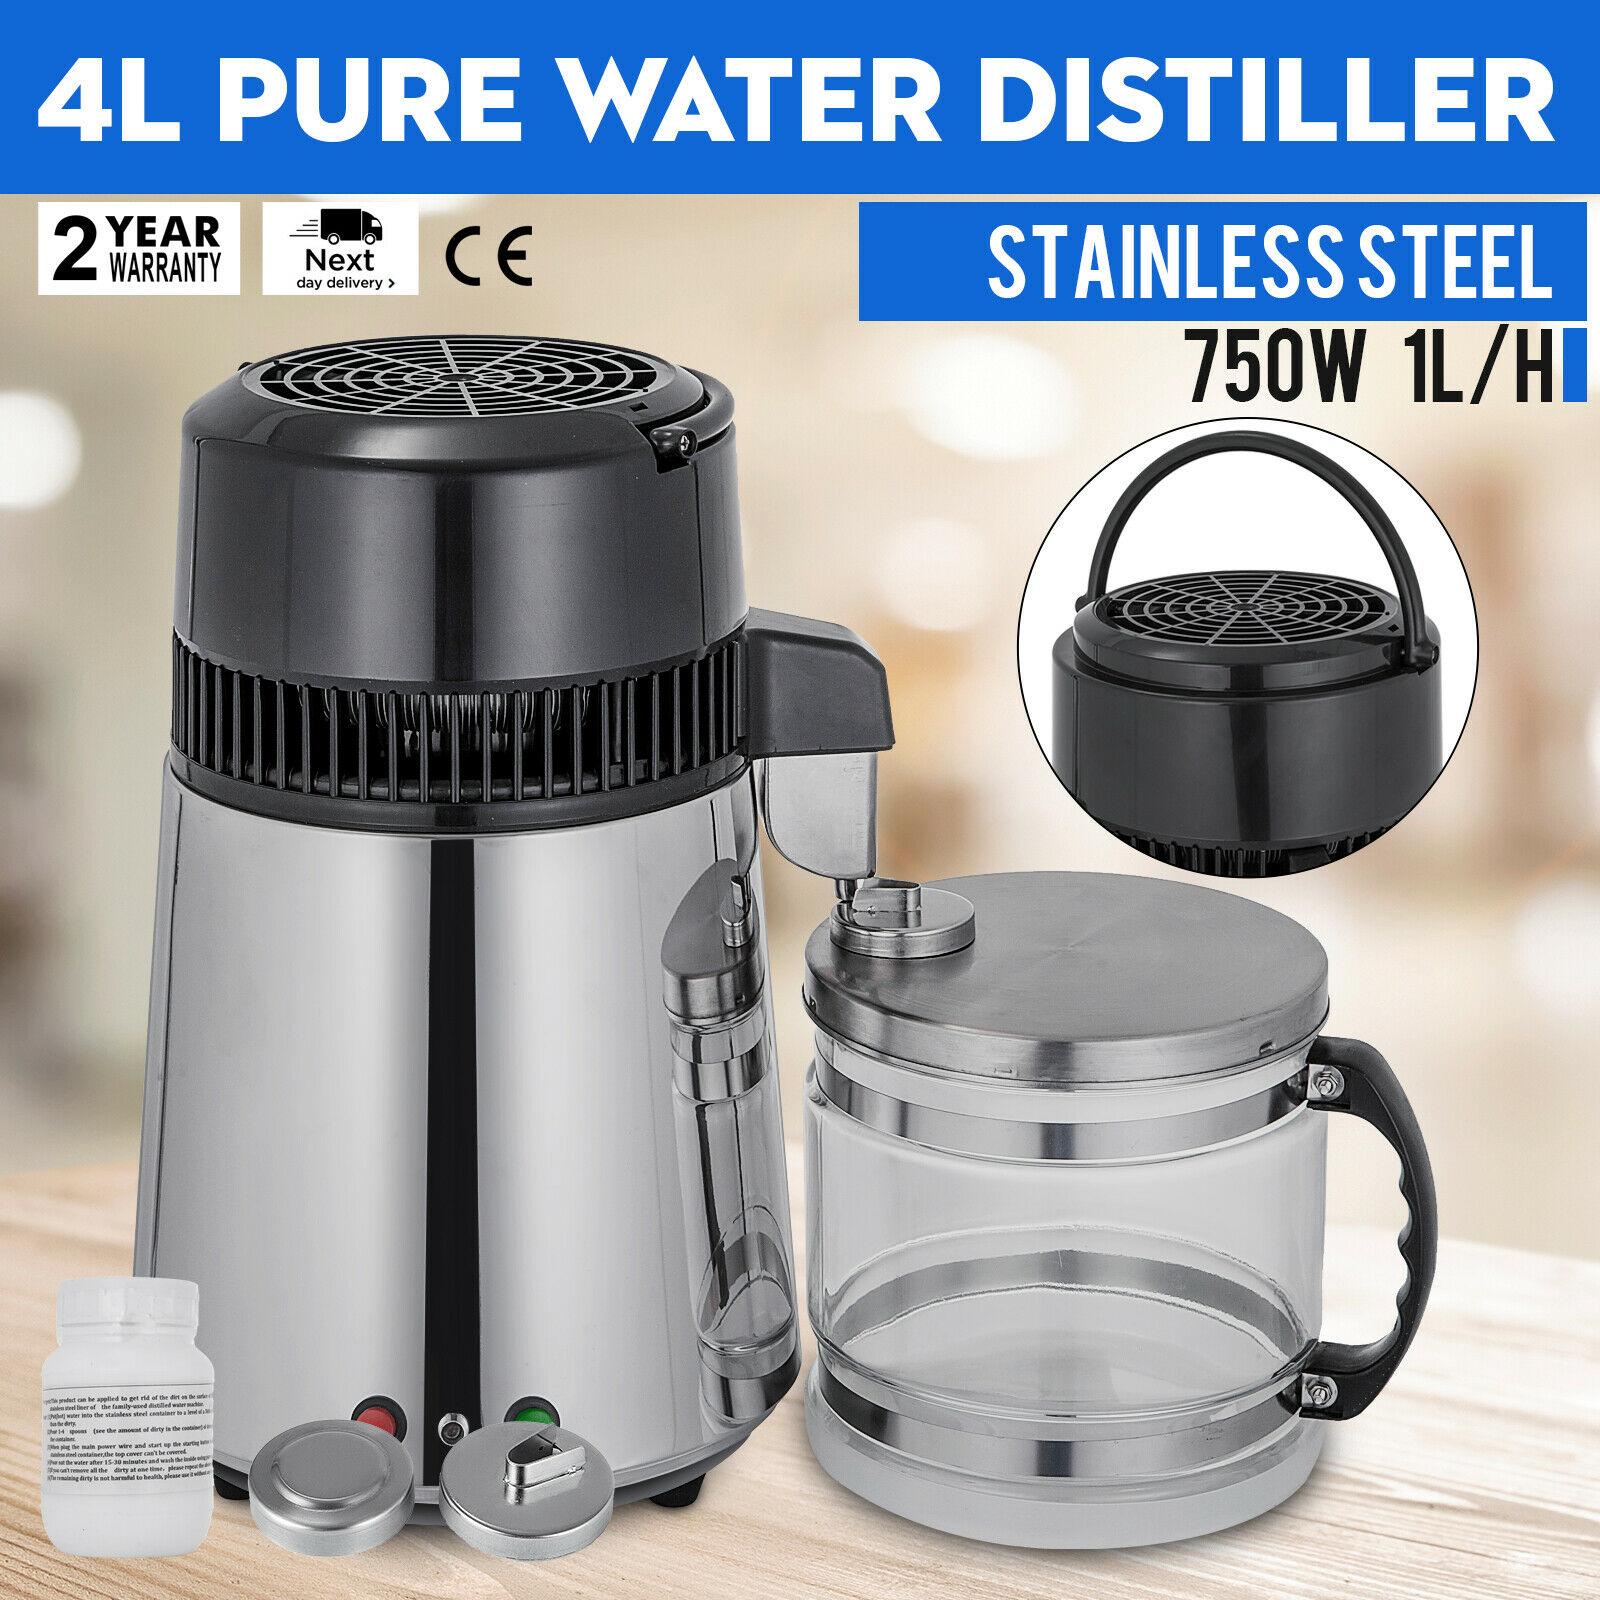 1.5L/h 750W Distillateur d'eau Pro Purificateur Inoxy pour Maison Laboratoire